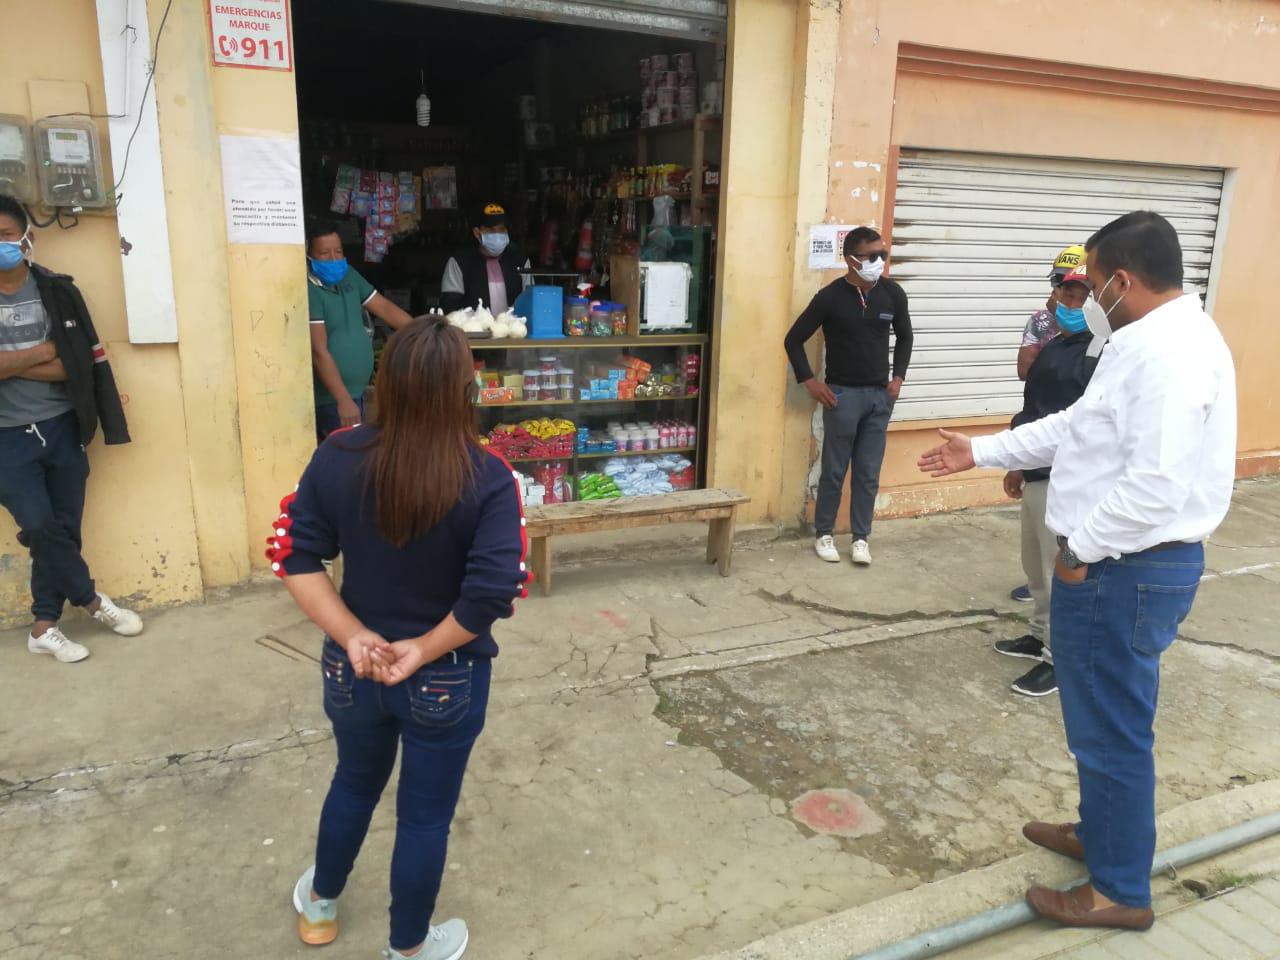 Intendente (E) Castillo refuerza el control de bioseguridad y distanciamiento social en Chilla